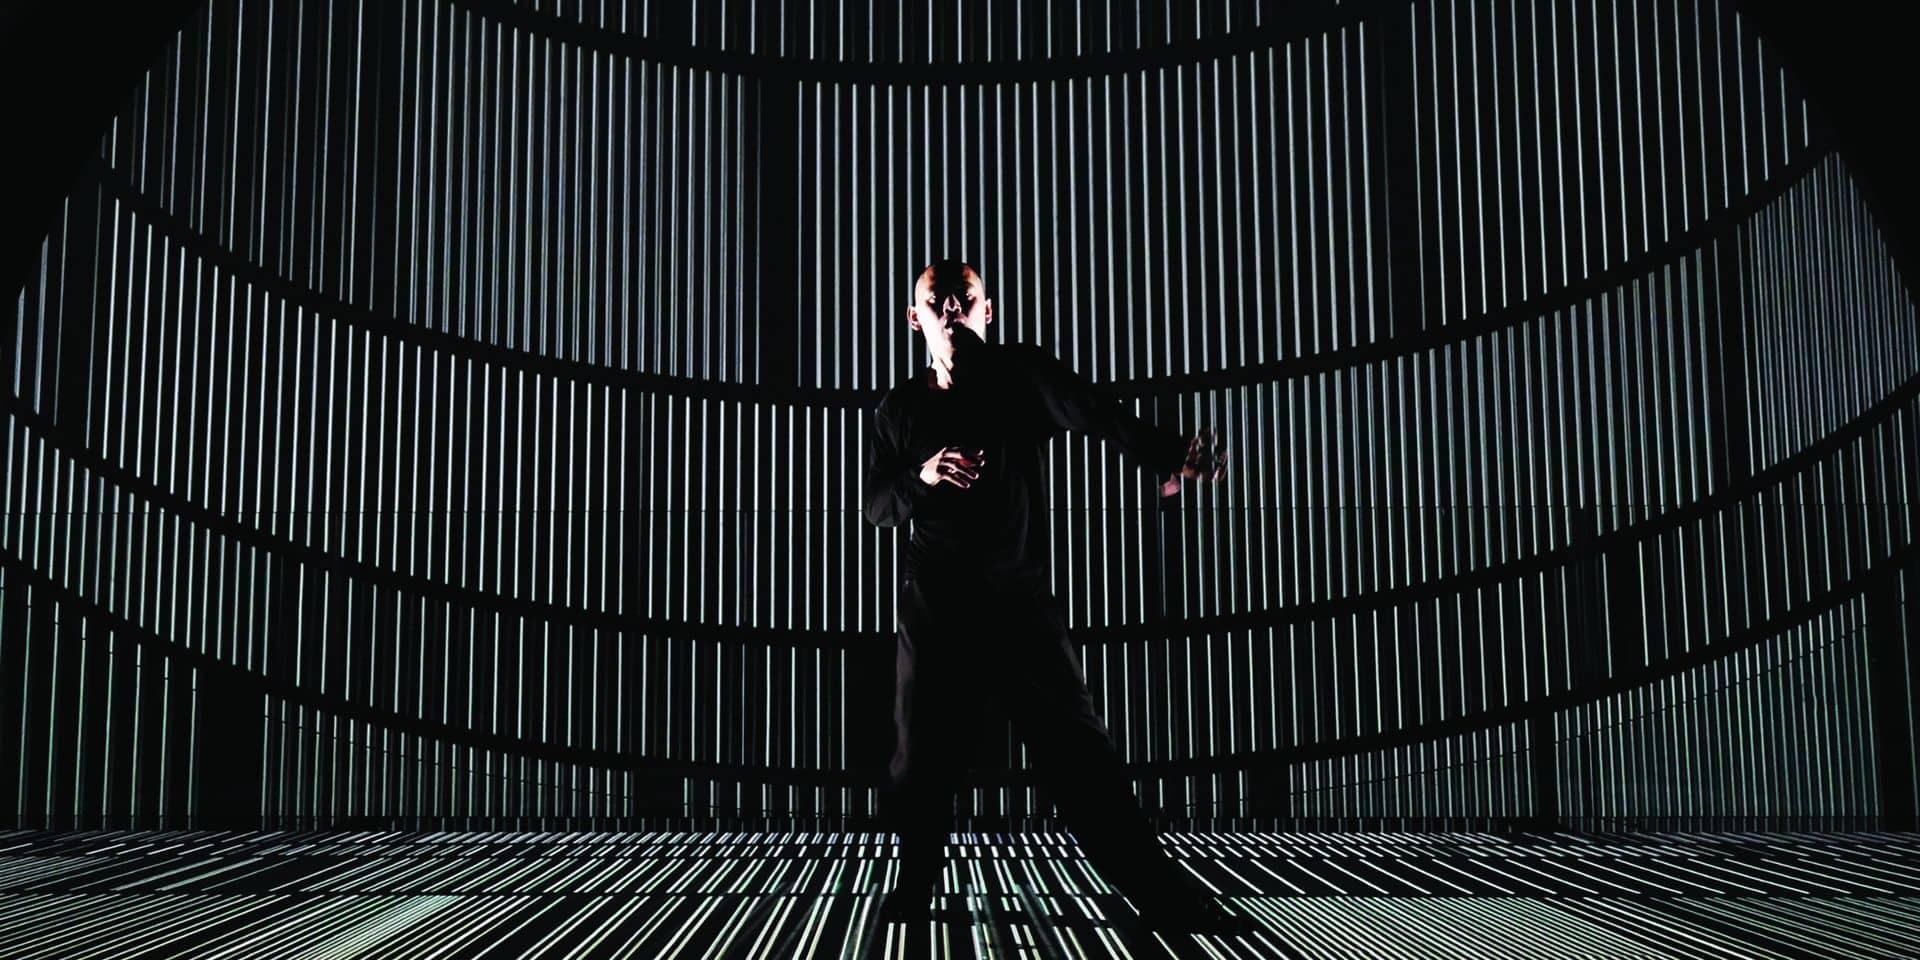 À la lisière entre danse, science et installation audiovisuelle, Hiroaki Umeda revient à Impact avec deux pièces dont «Median», qui déplie, déploie, contracte et éclate les structures.